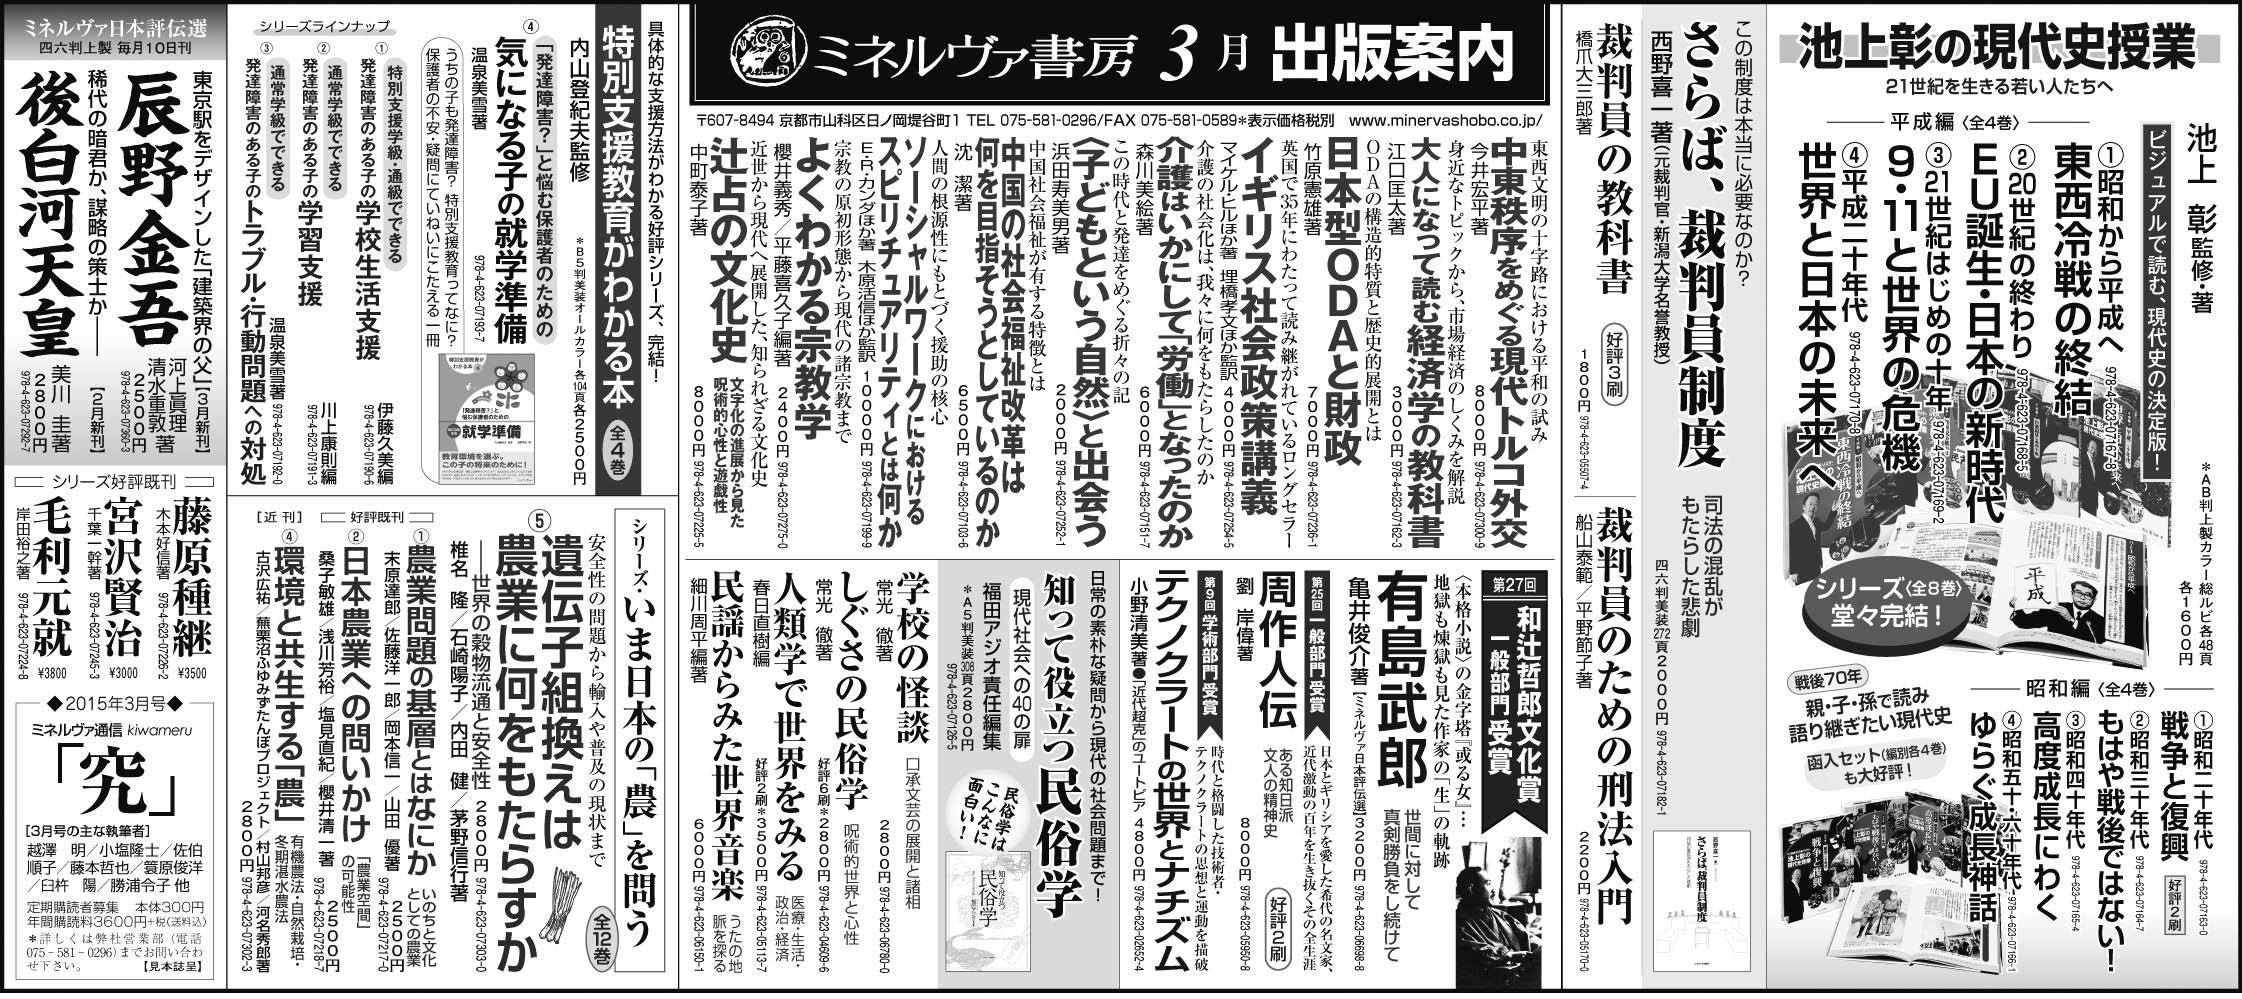 読売新聞全5段広告2015年3月26日掲載